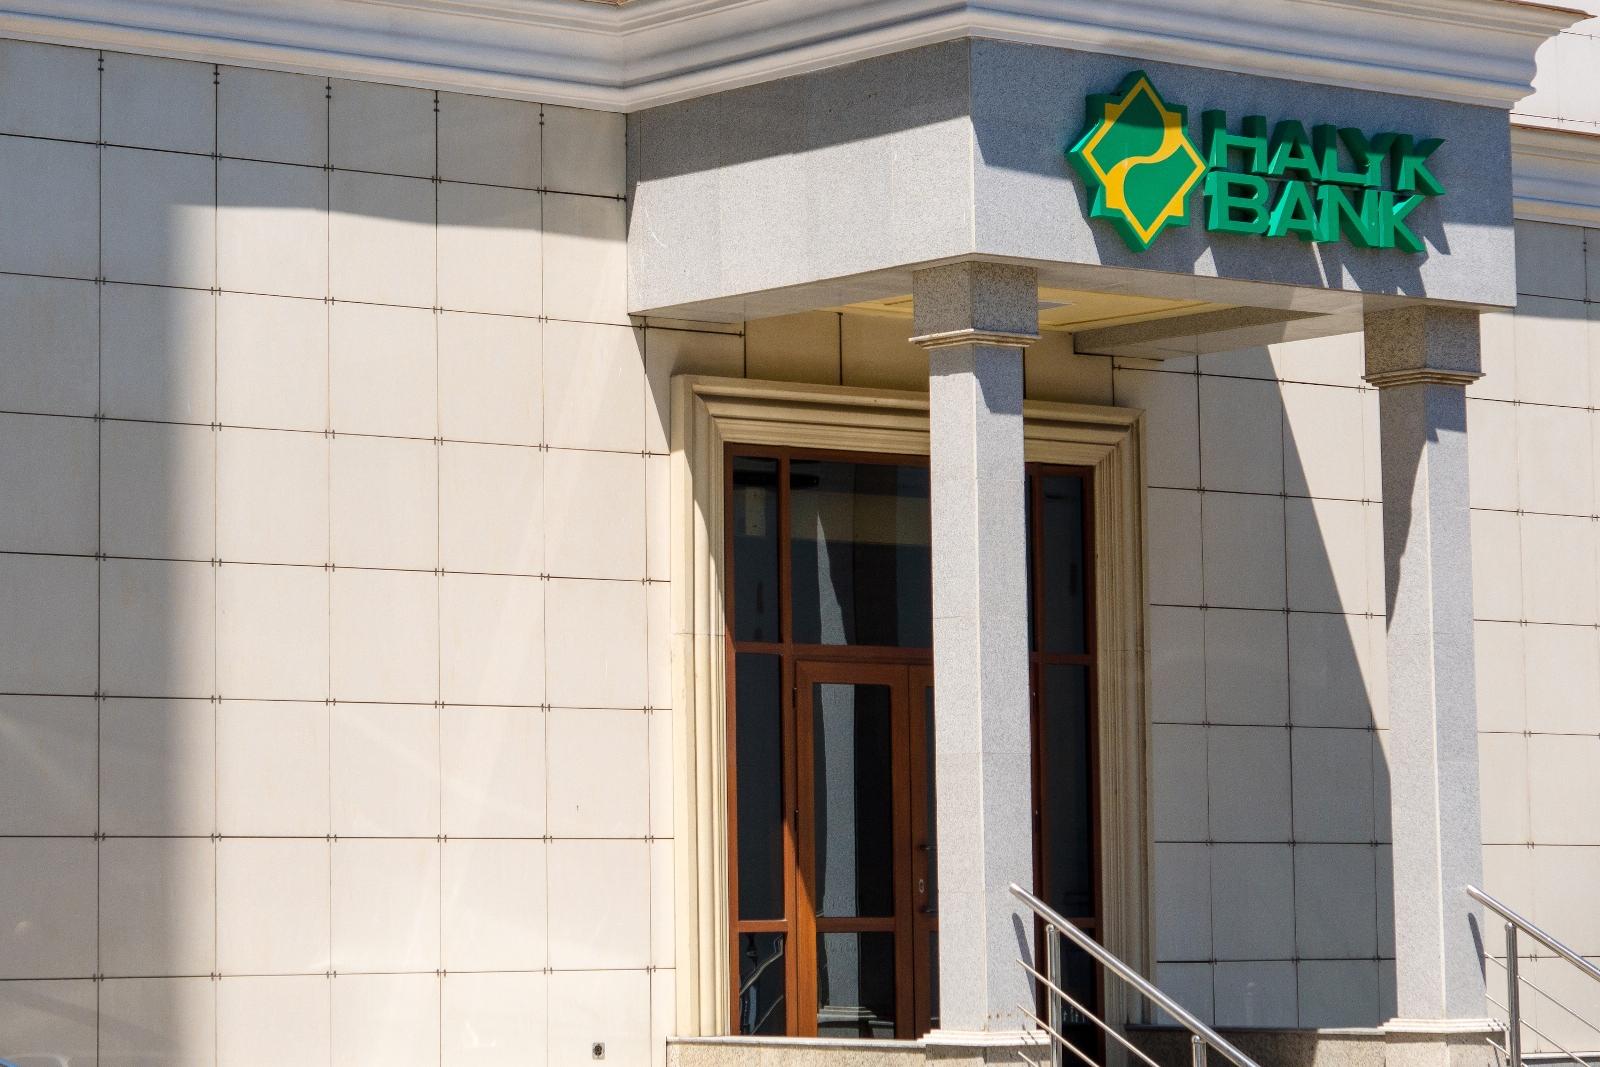 Один из заразившихся коронавирусом является сотрудником внешней организации в Halyk Bank в Алматы